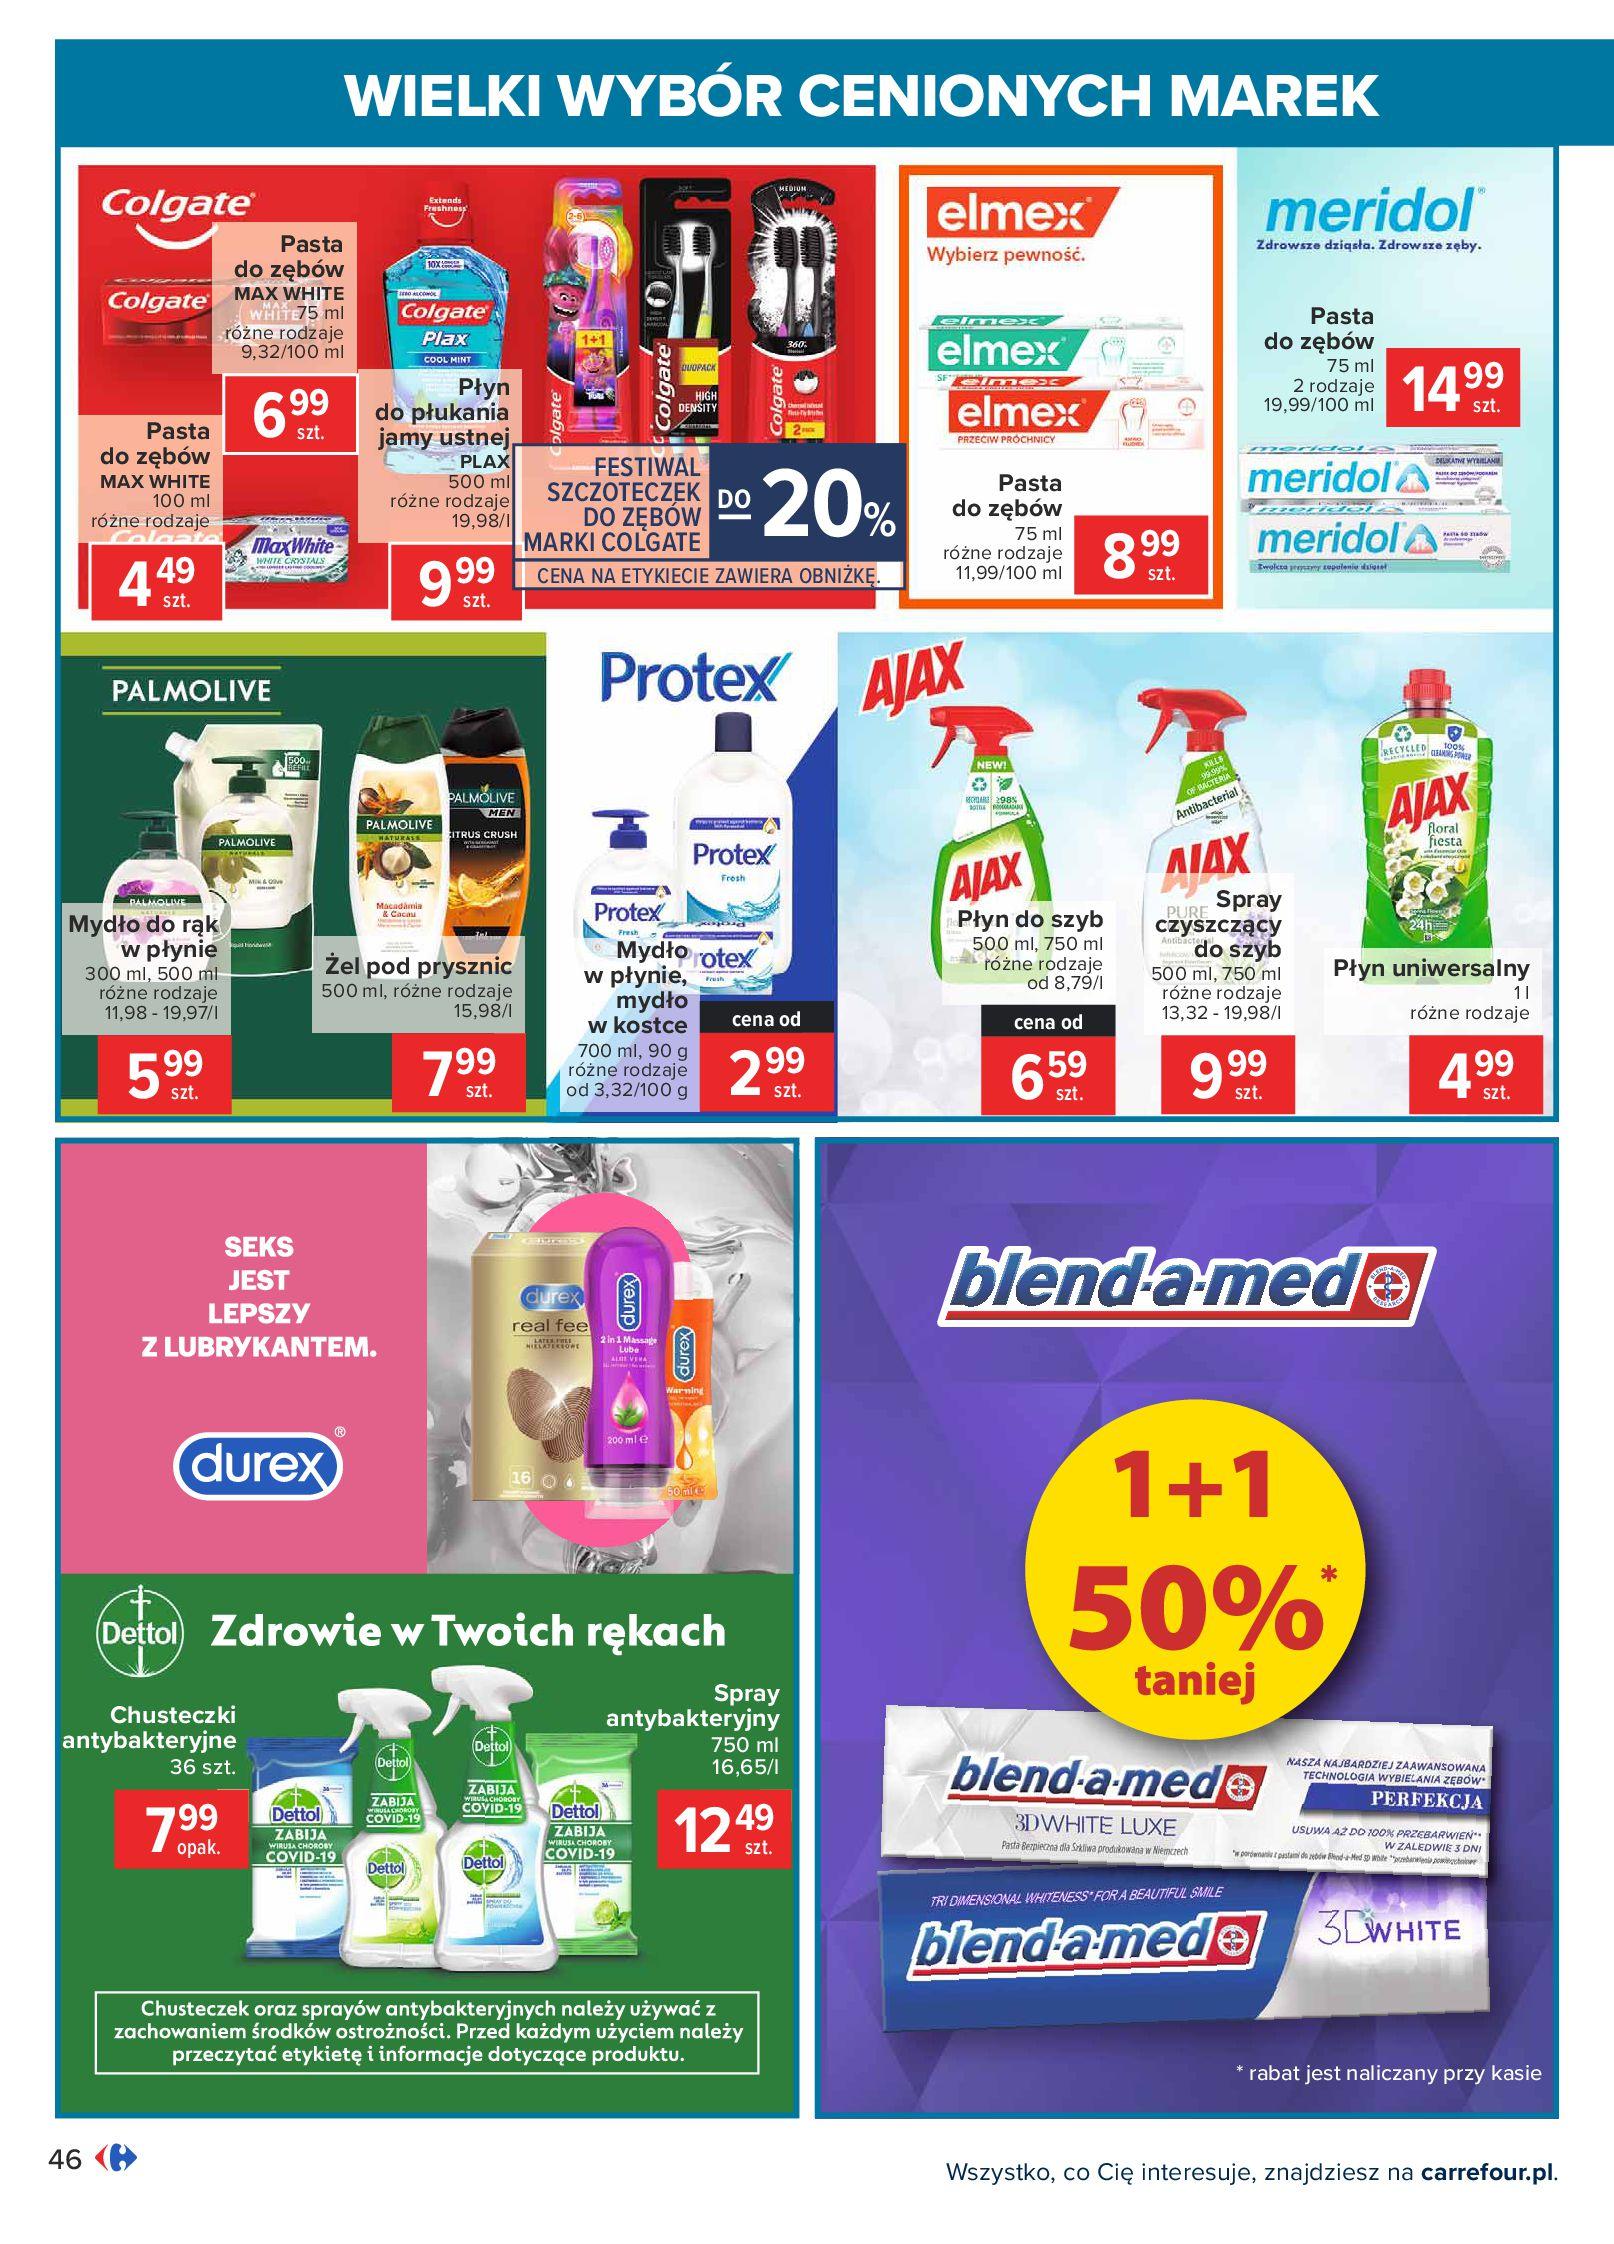 Gazetka Carrefour: Wielki wybór cenionych marek 2021-05-04 page-46